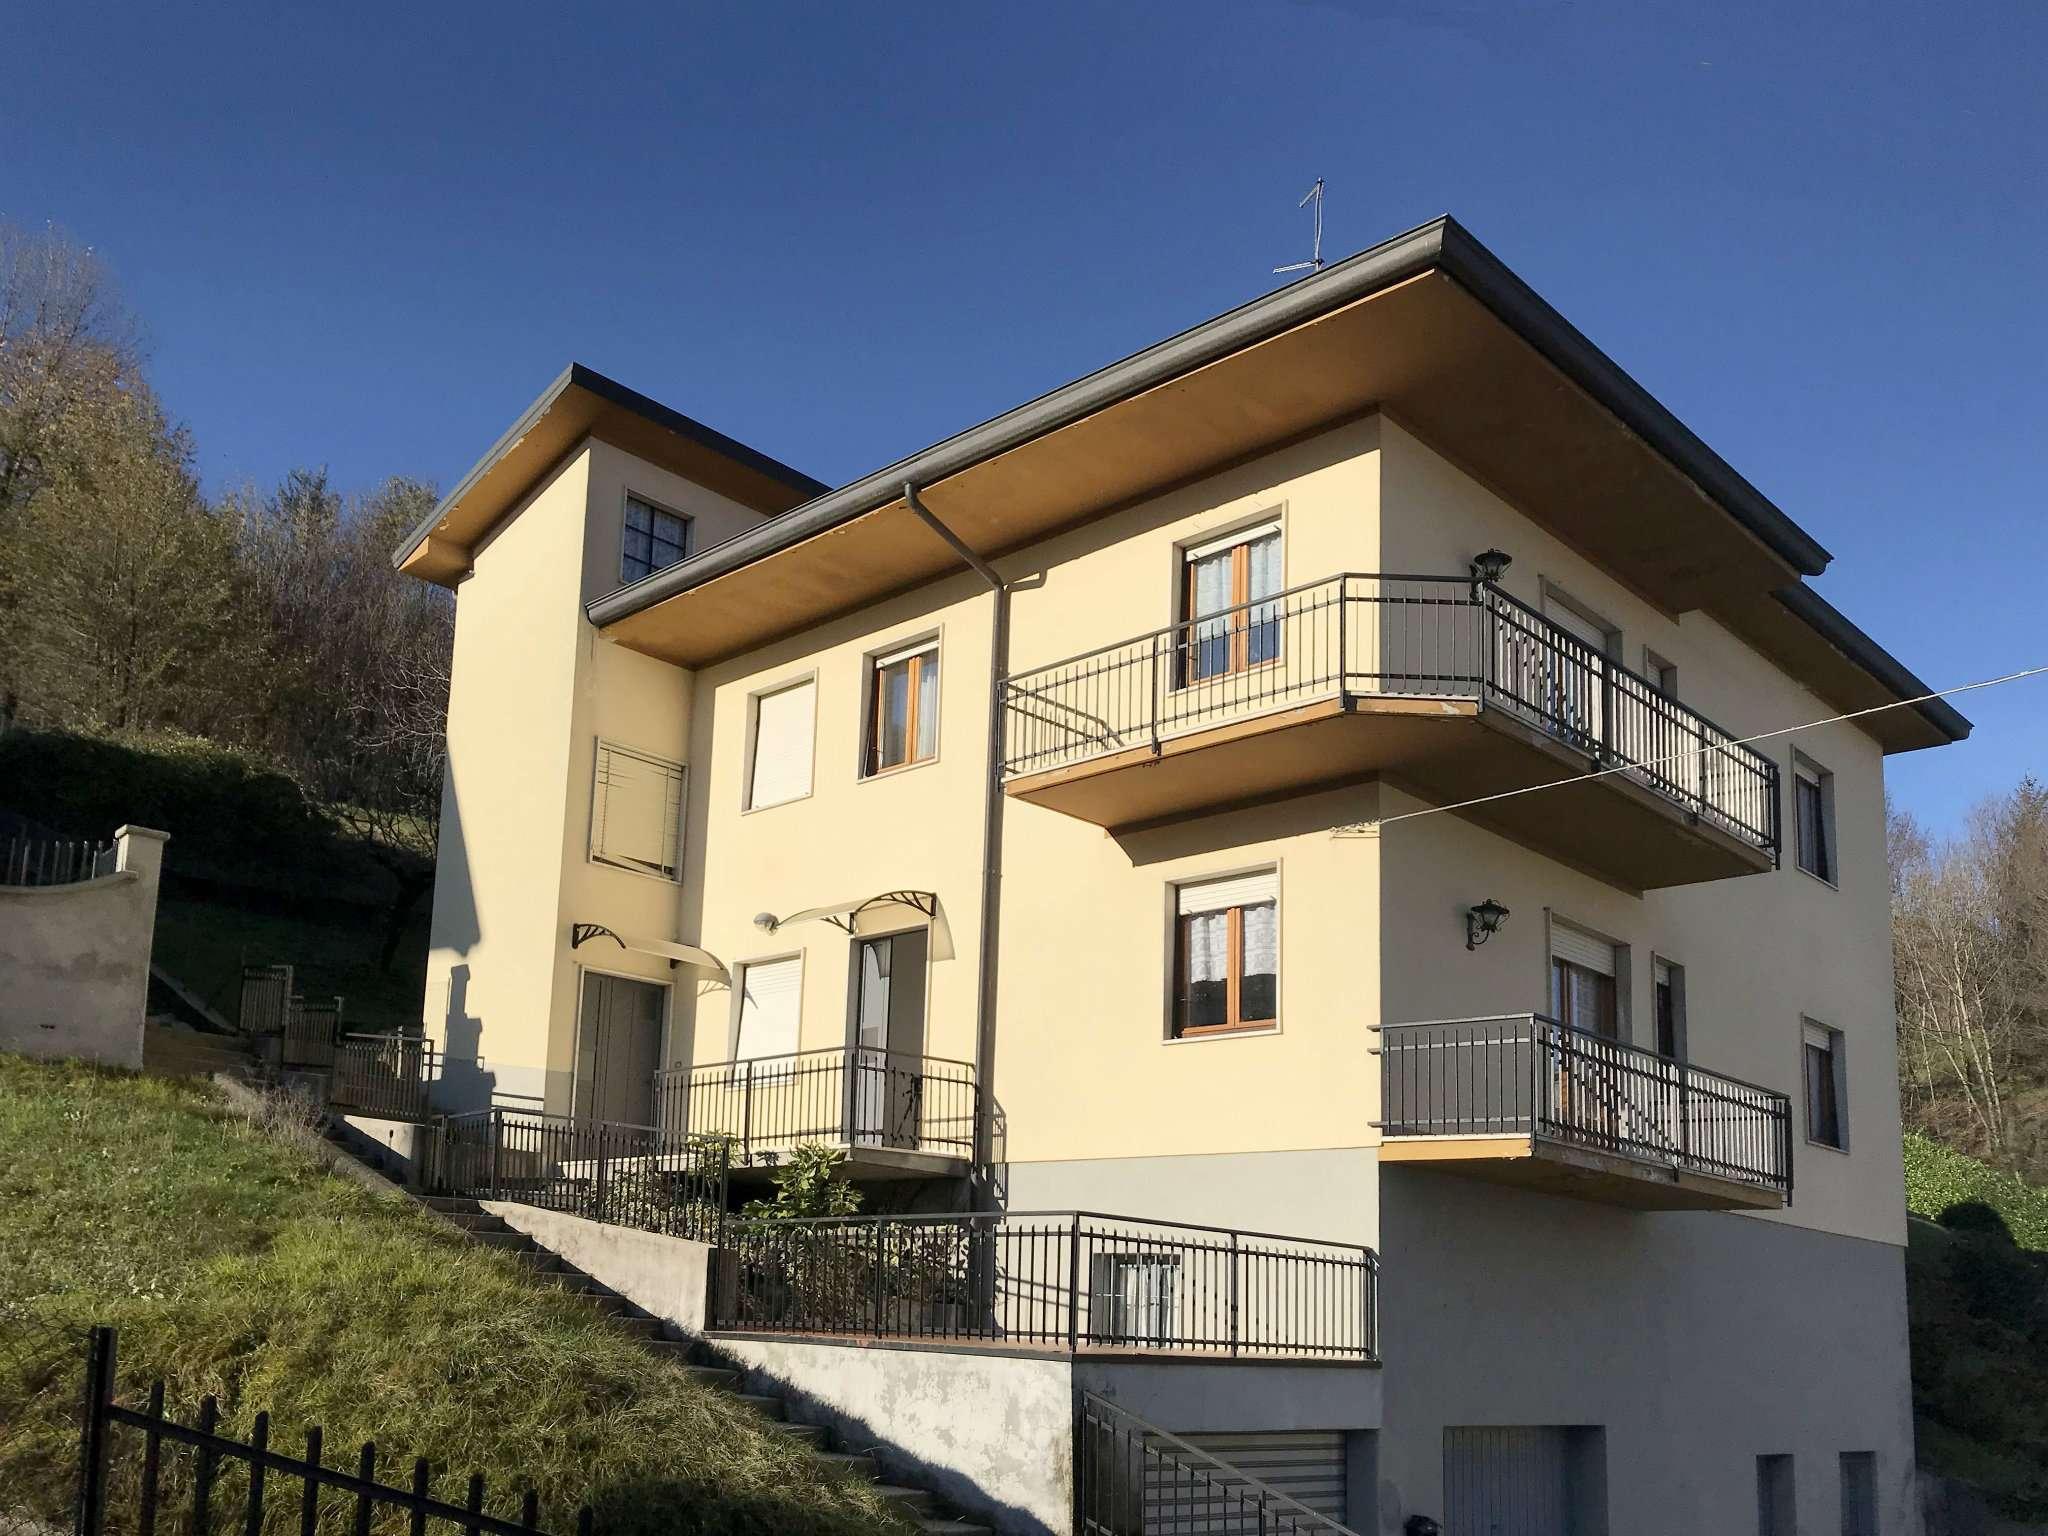 Villa in vendita a Capizzone, 8 locali, prezzo € 134.000 | CambioCasa.it